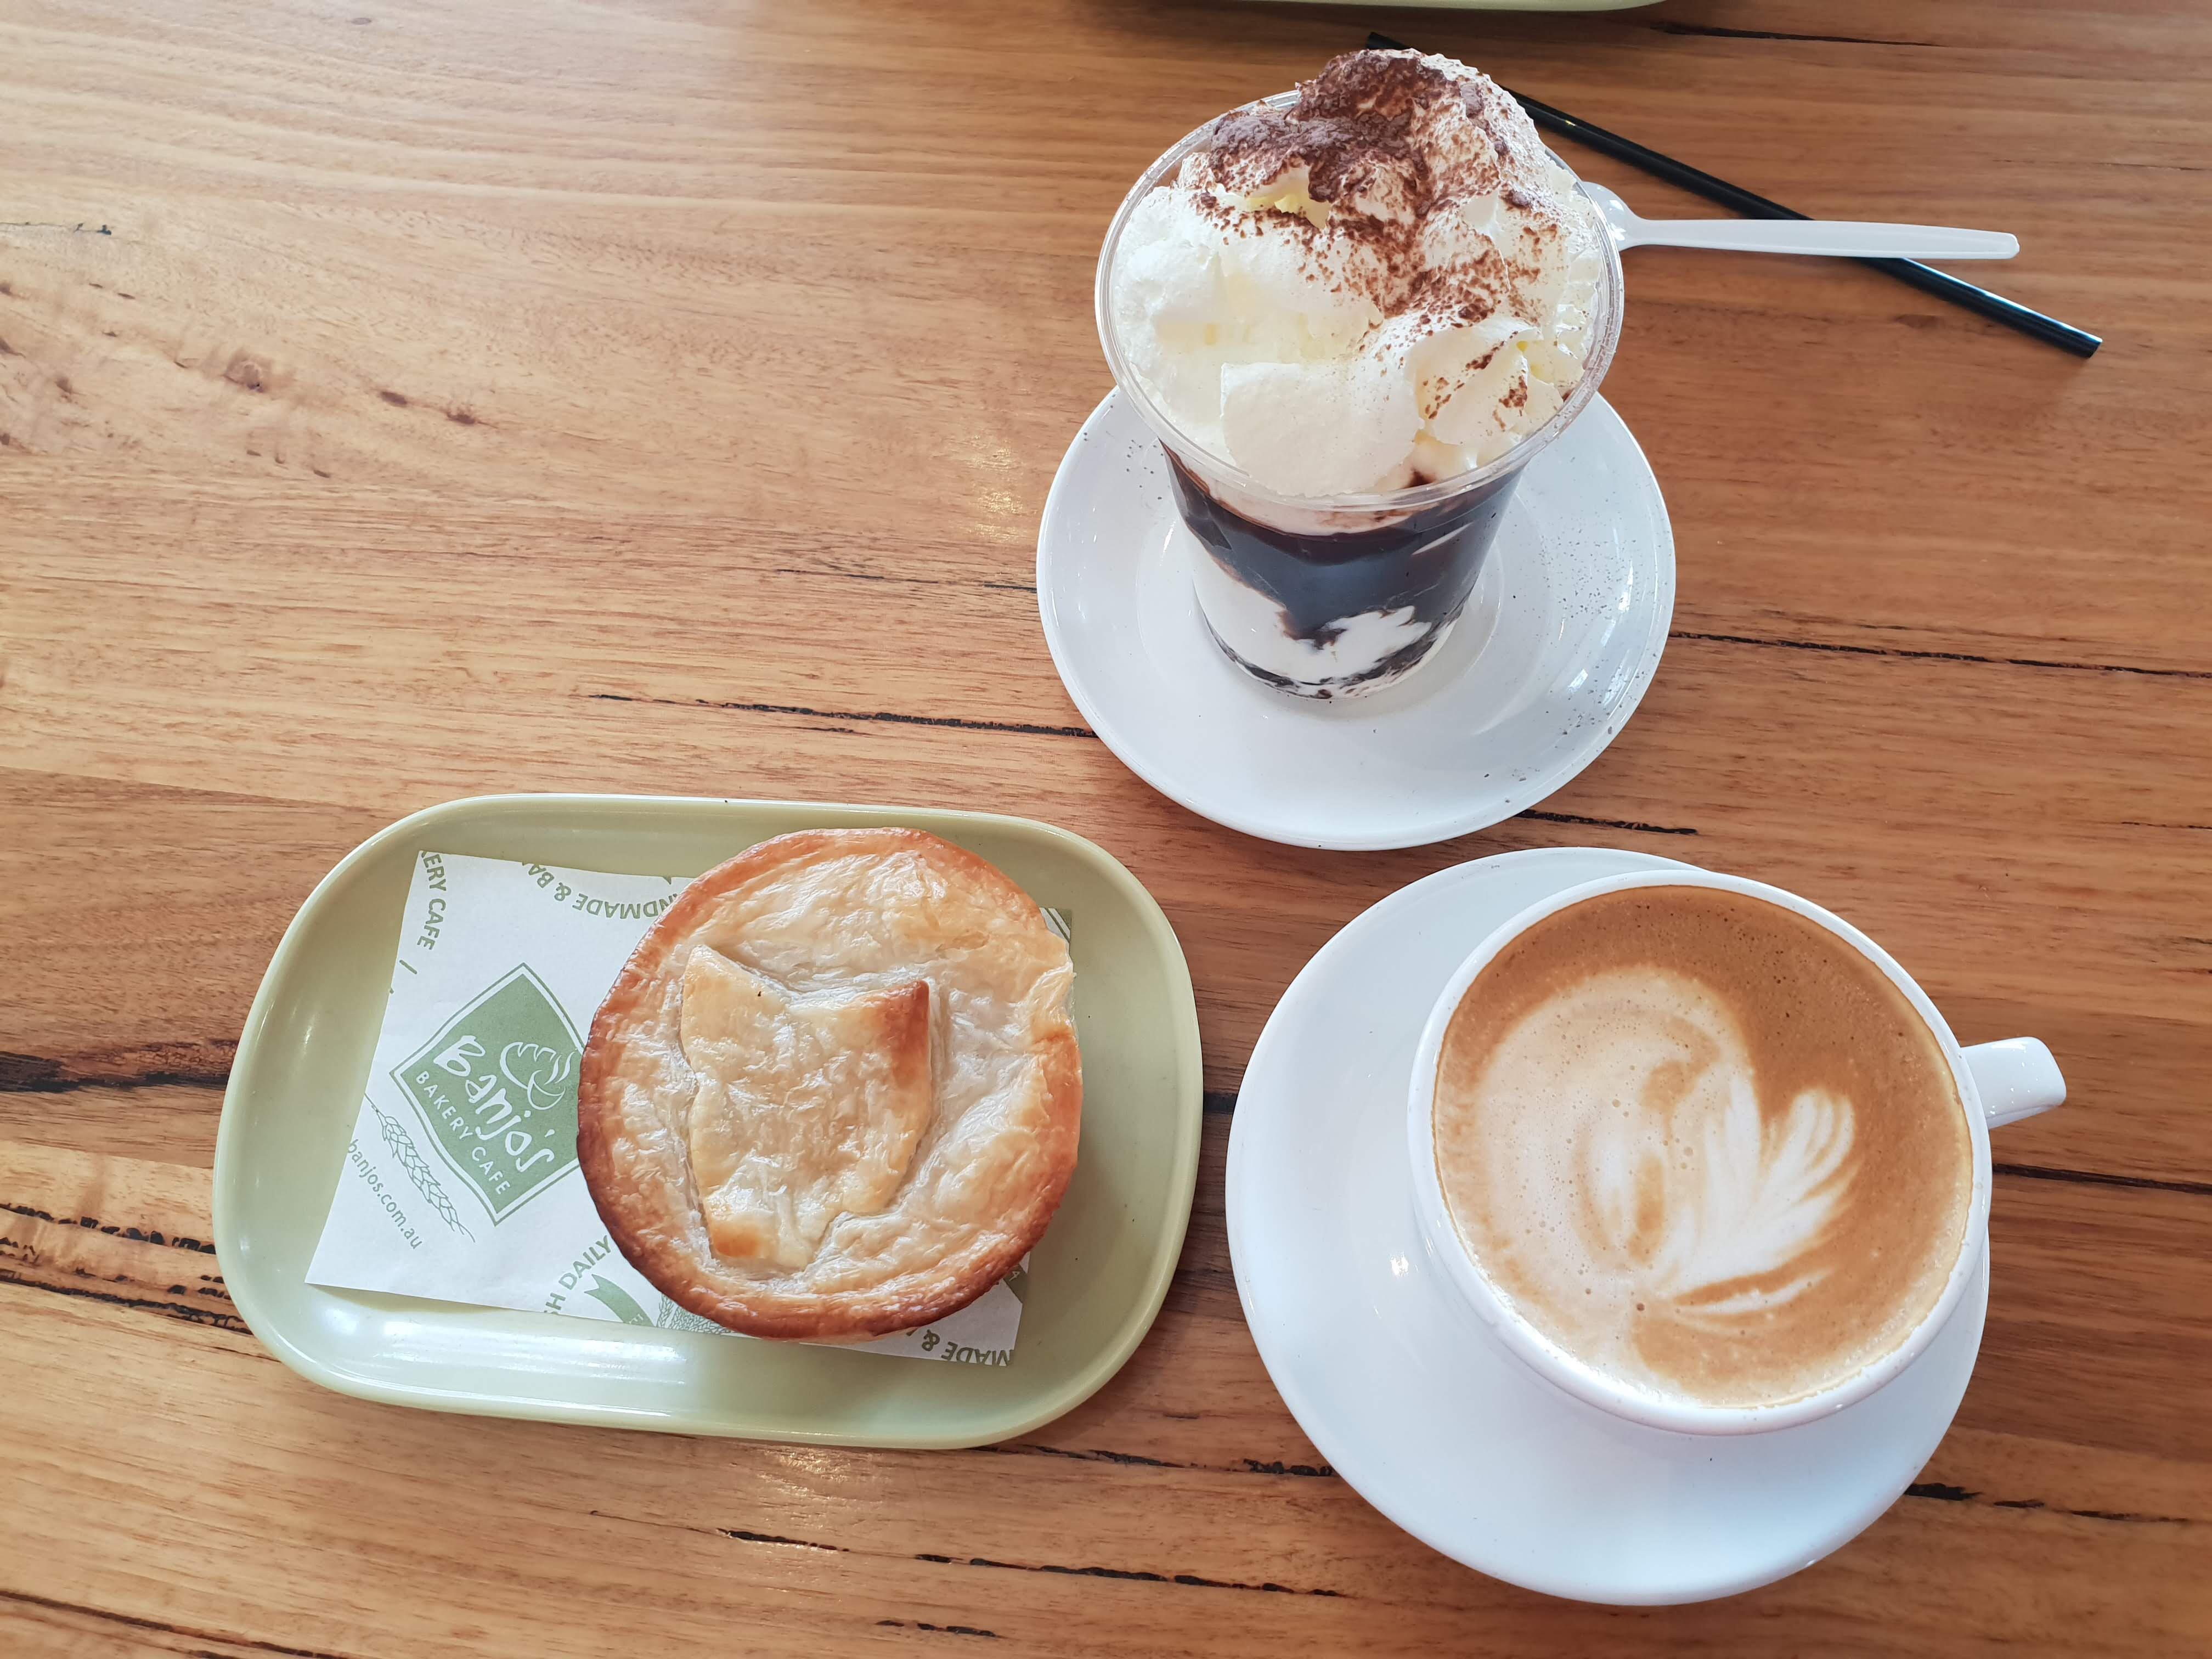 タスマニア名物ホタテパイを Banjo's Bakery Cafe で食べよう!